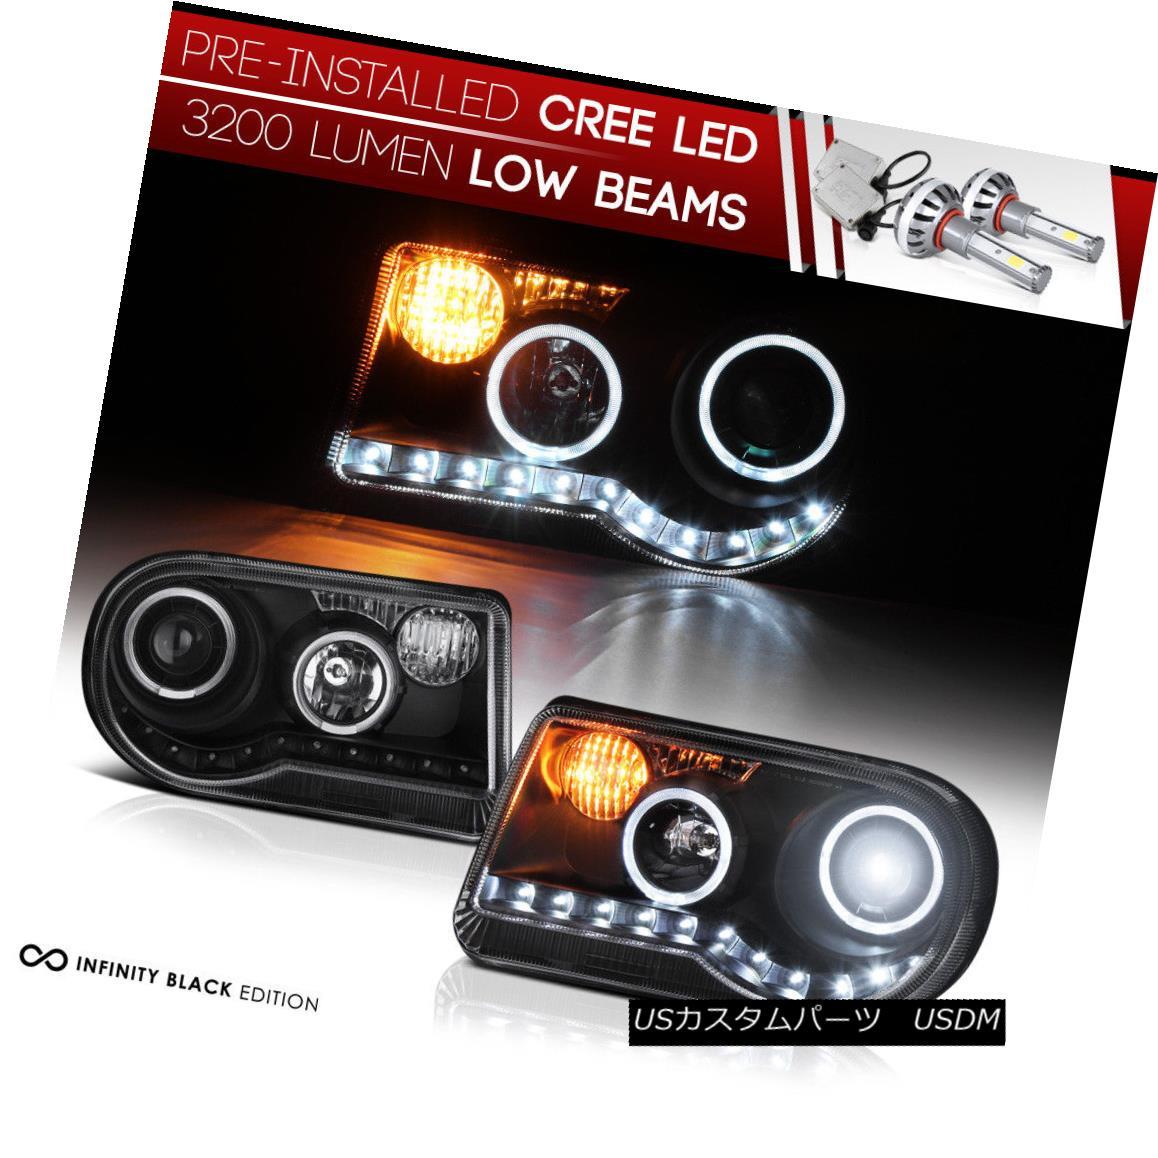 ヘッドライト [BUILT-IN LED LOW BEAM] 05-2010 Chrysler 300C 300 C LED STRIP DRL Halo Head Lamp [ビルインインLEDロービーム] 05-2010クライスラー300C 300 C LED STRIP DRLハローヘッドランプ